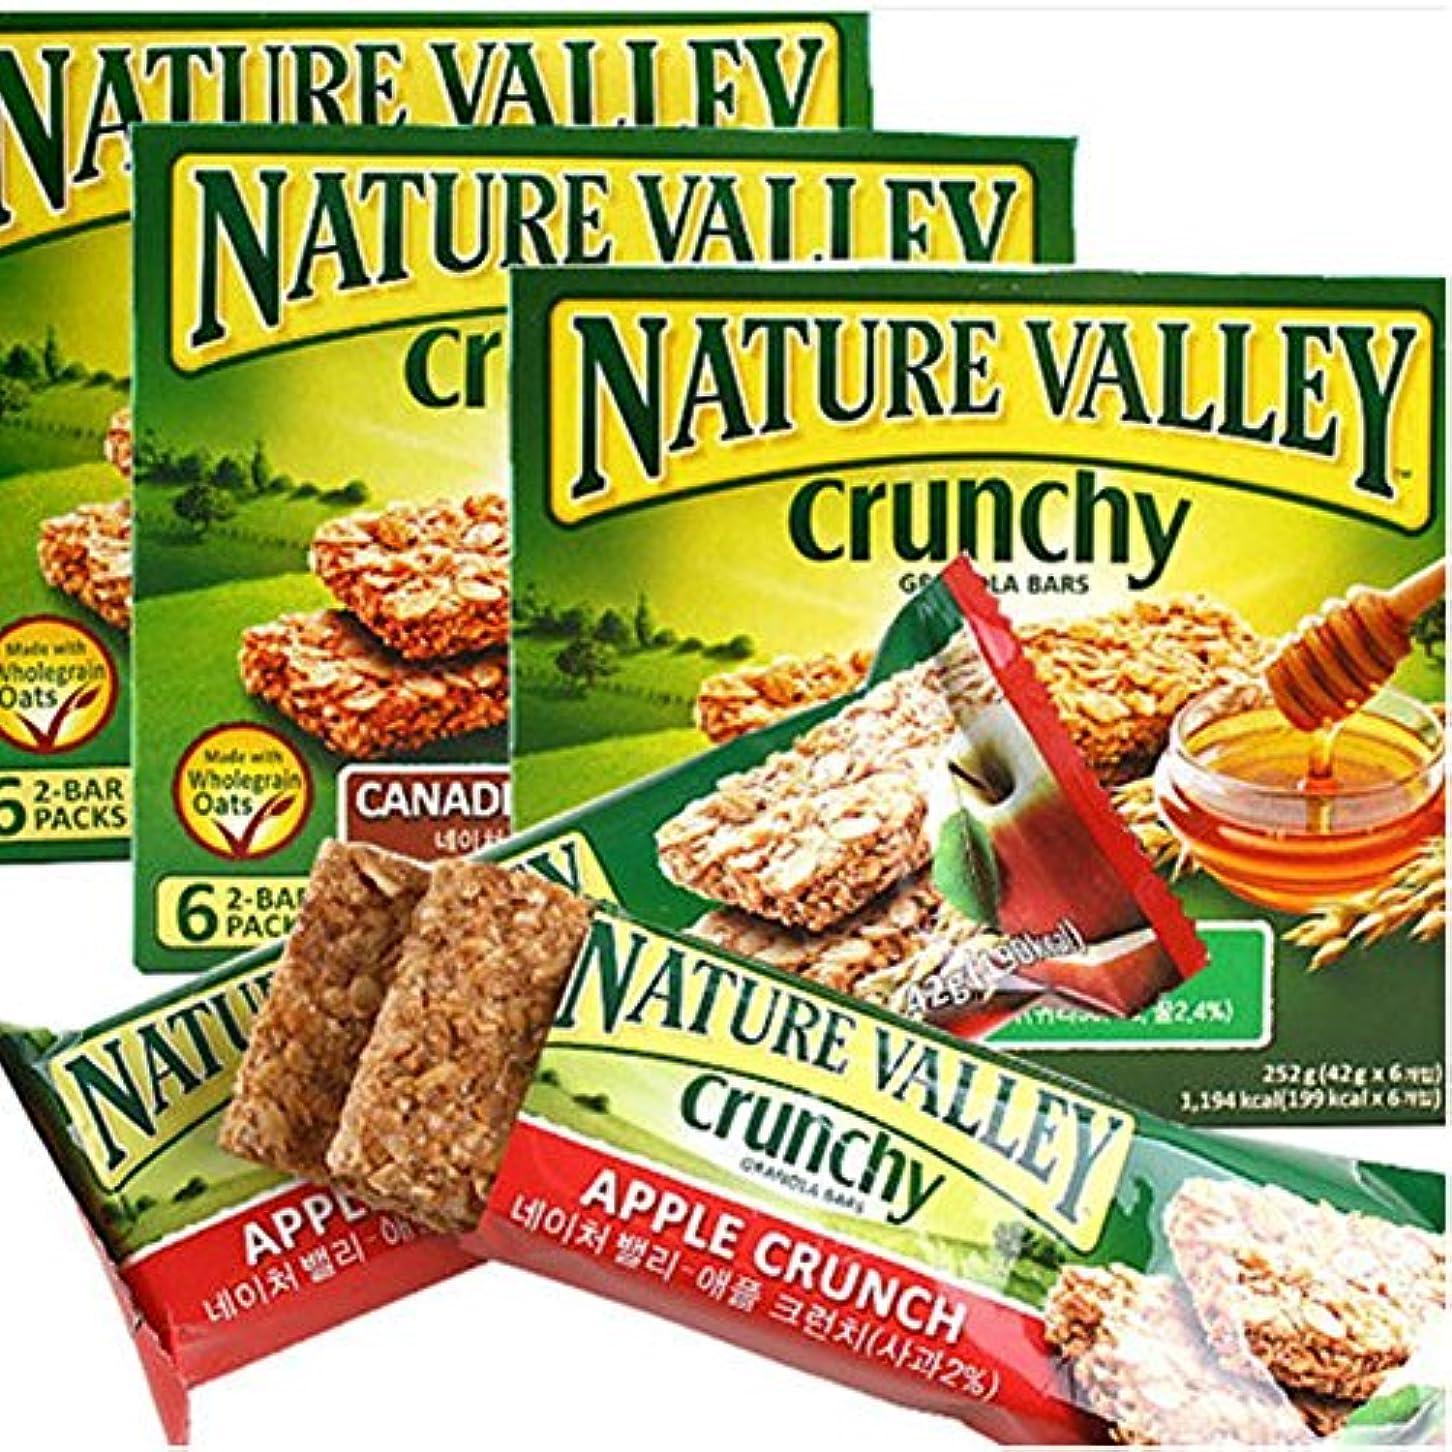 ネットピアニストレッドデート[ネイチャーバレー/Nature Valley] CANADIAN MAPLE SYRUP/ネイチャーバレークランチグラノーラバー42g5パックx3 Box - メープルシロップ(合計15袋)穀物バー/シリアル/栄養のバー...